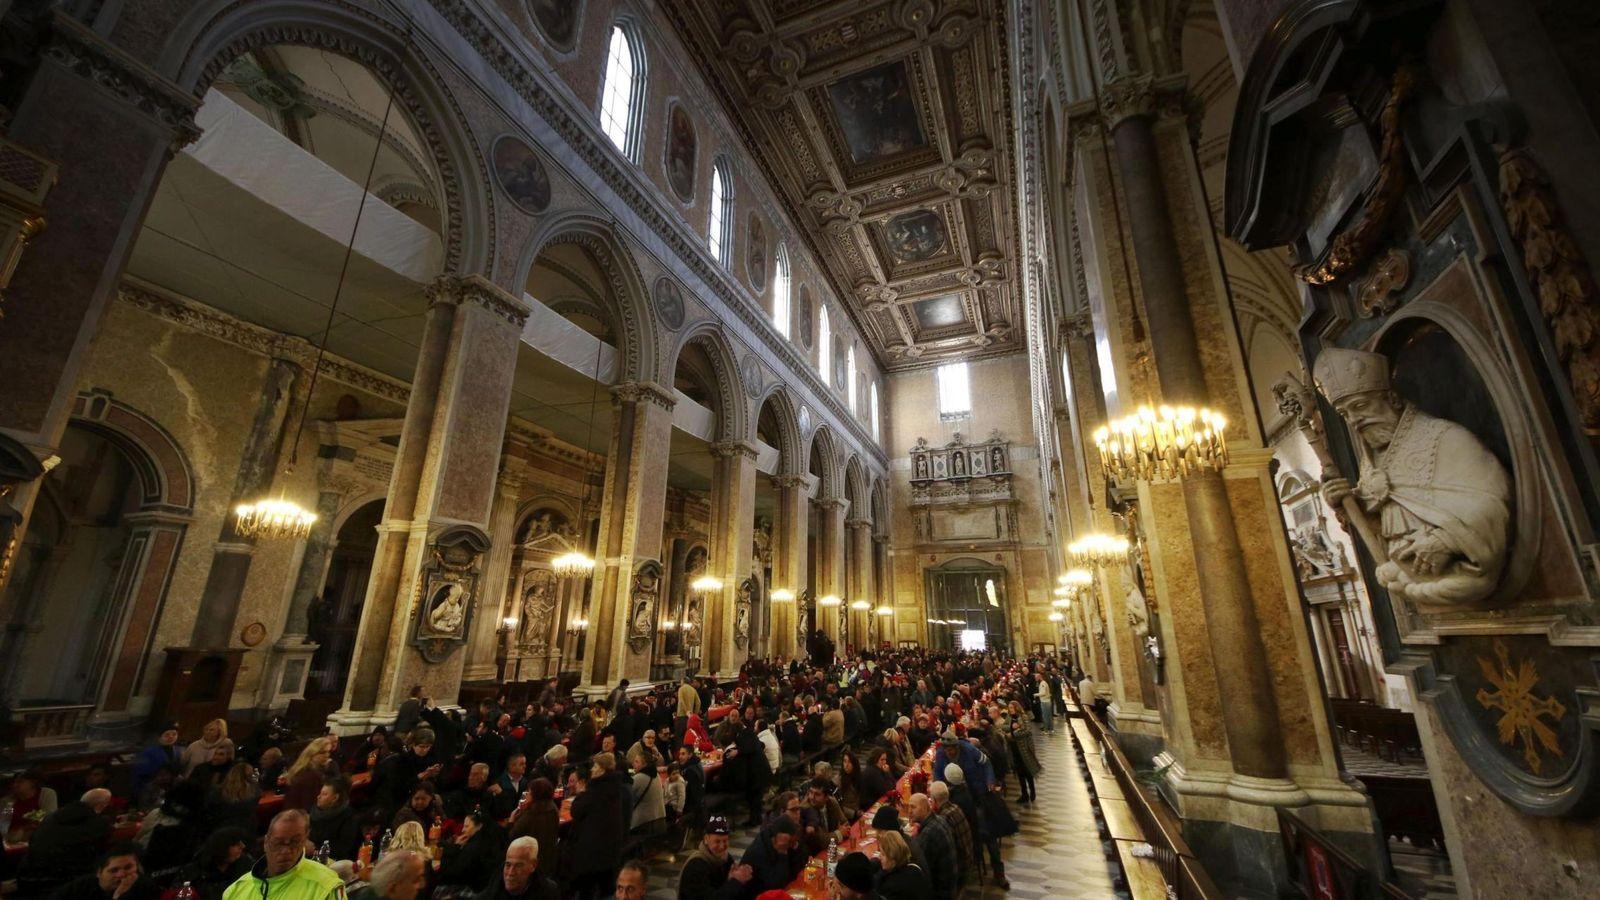 Foto: Interior de la Catedral de Nápoles, donde se guarda la reliquia de San Jenaro. (EFE)